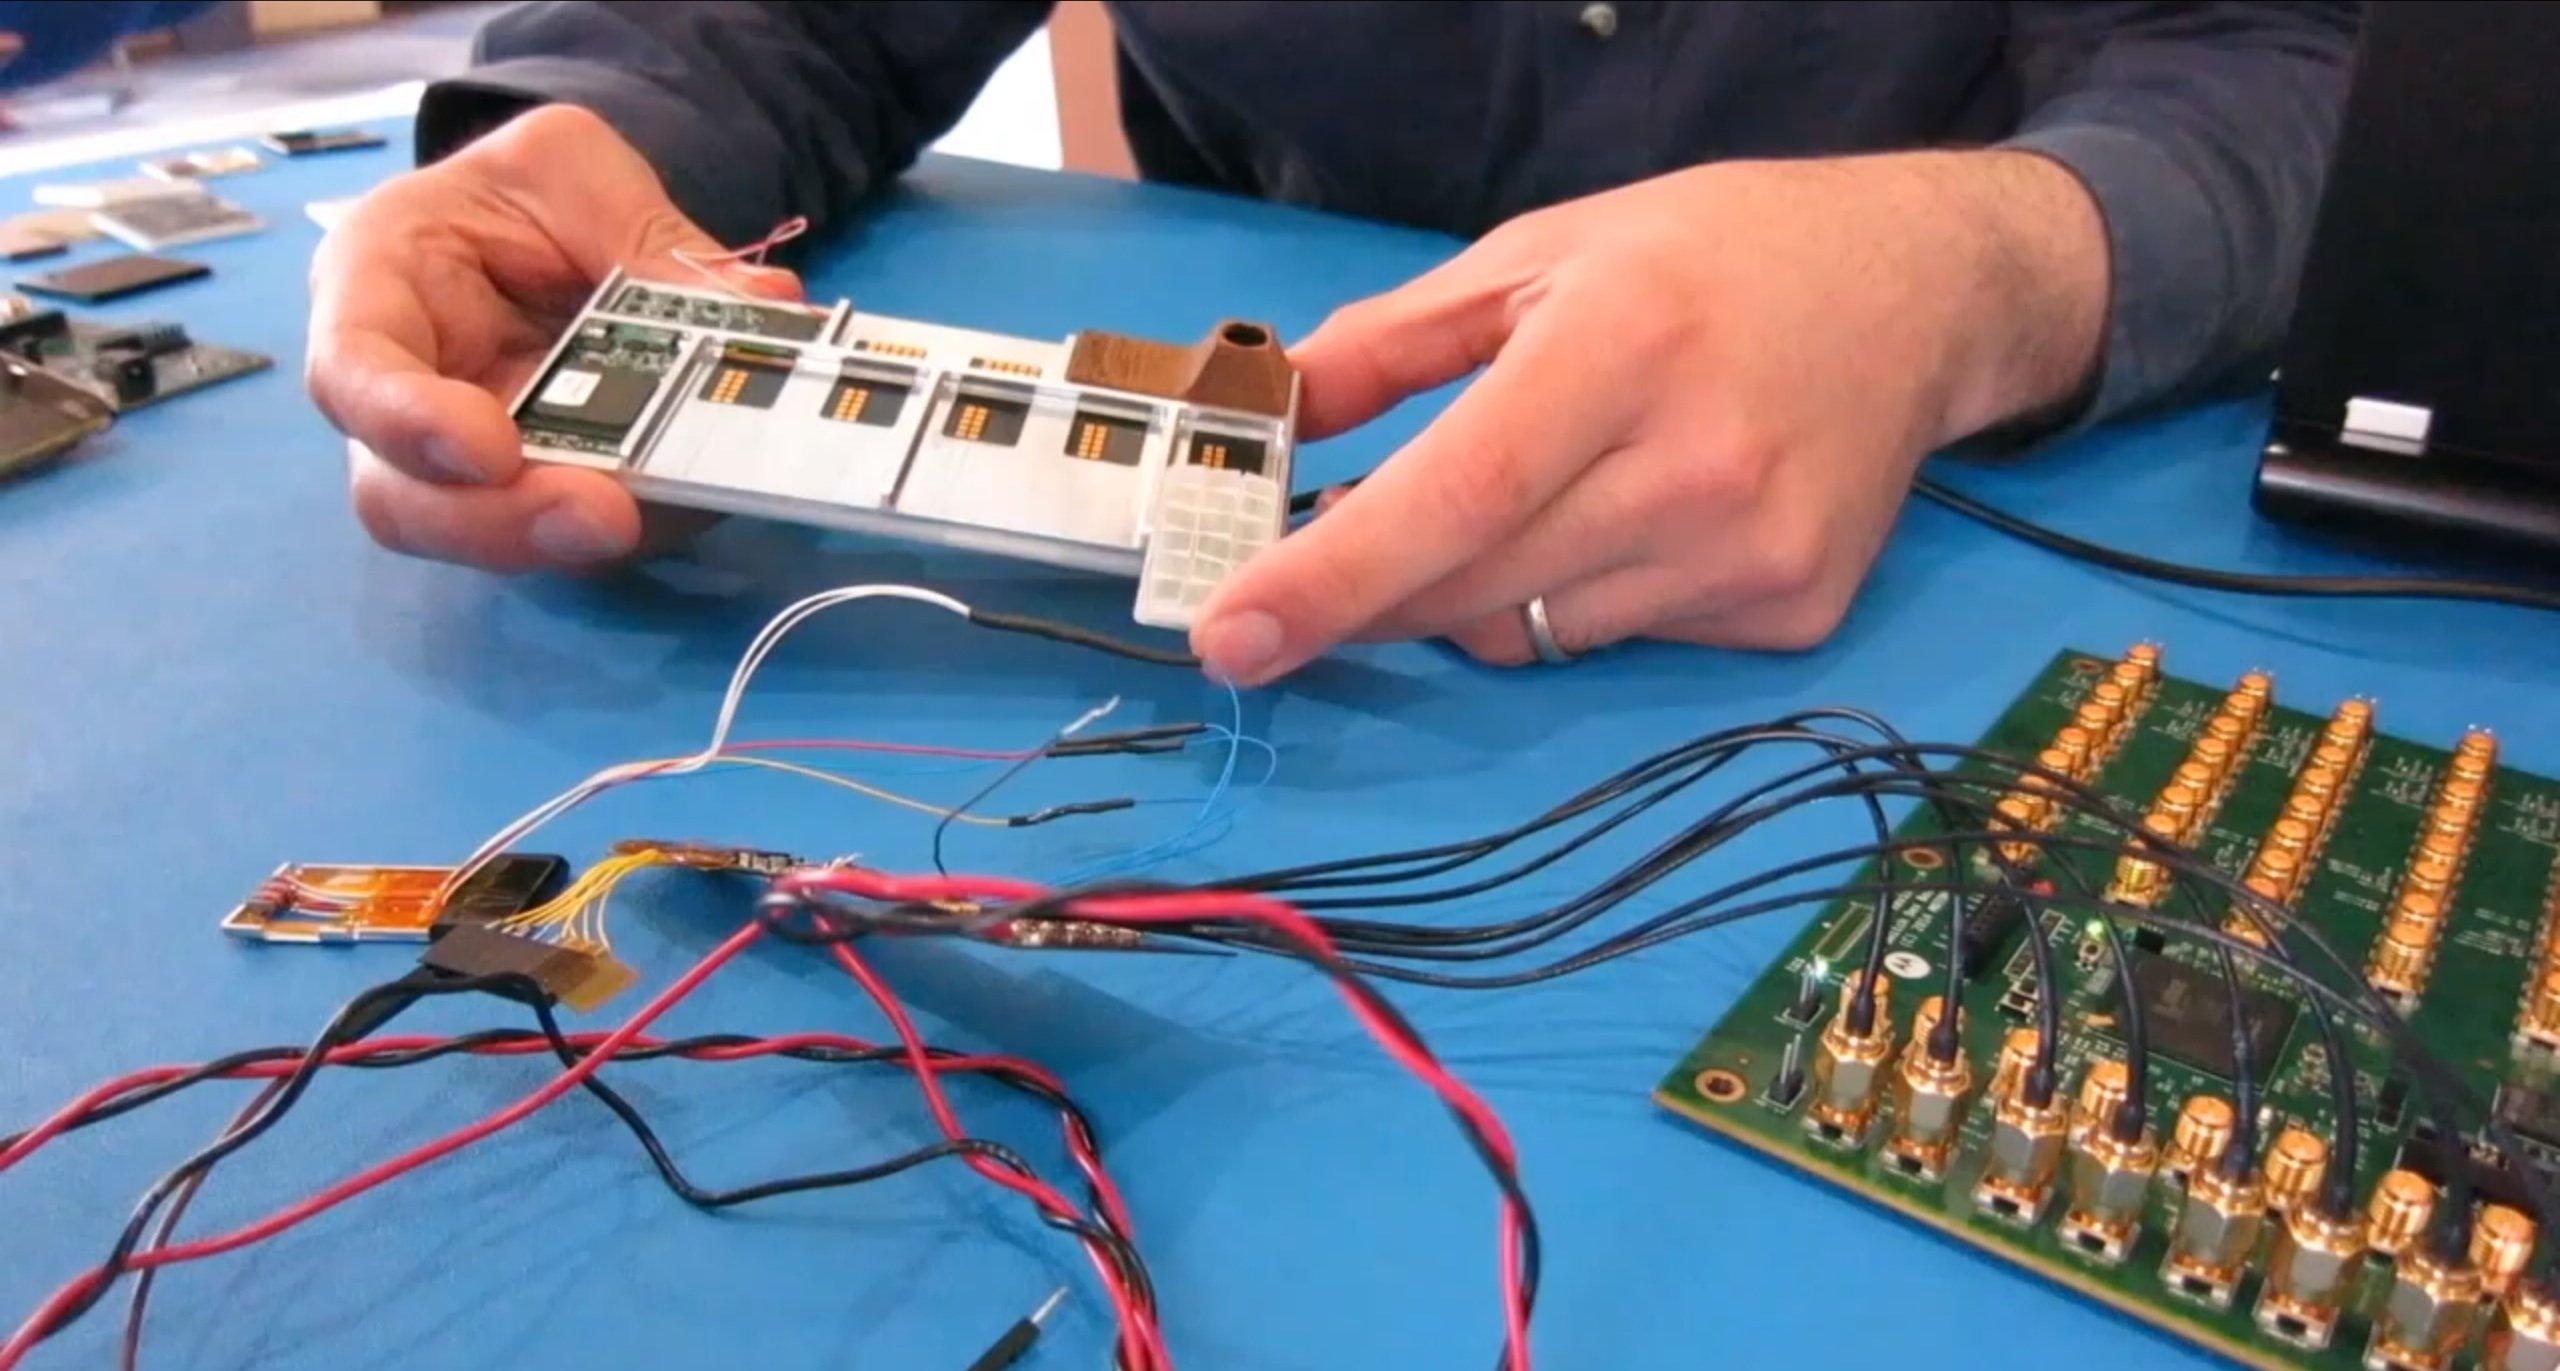 Modultechnik des Google-Smartphones Ara: Einzelne Komponenten wie Akku und Sensoren können einfach in das Smartphonegerüst eingeschoben werden. Magnete halten die Komponenten zusammen.